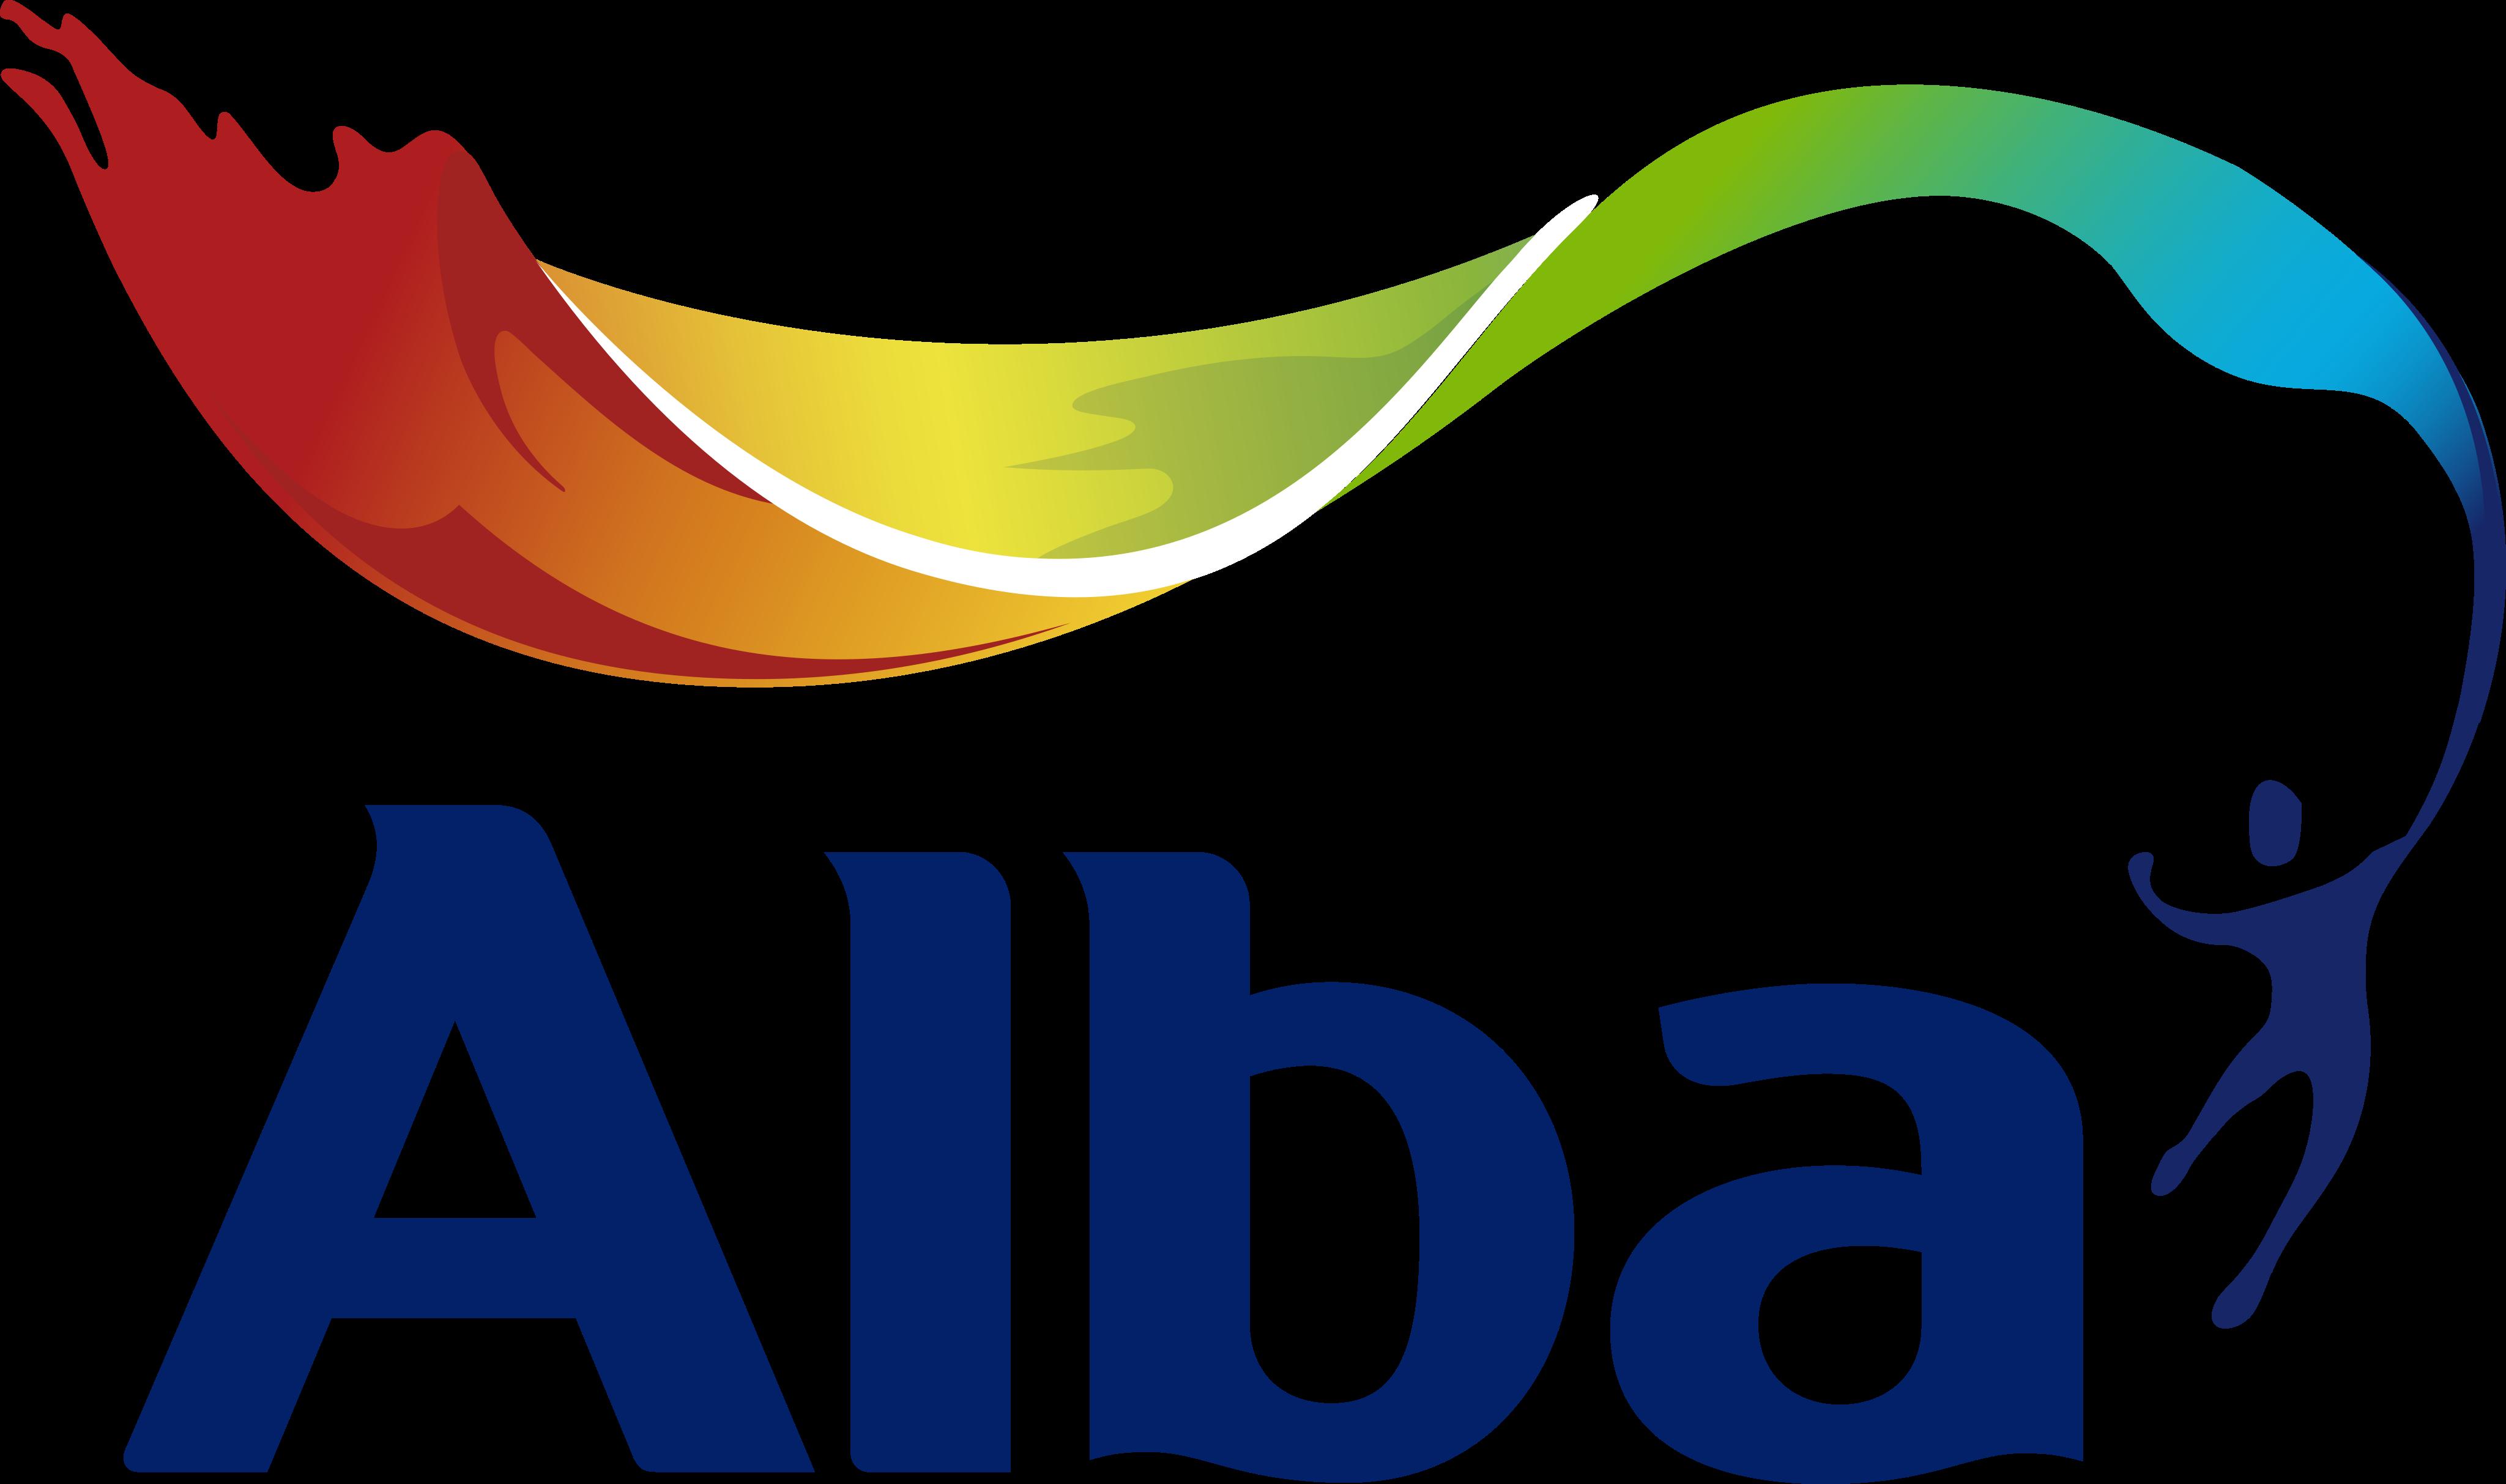 alba logo - Alba Logo